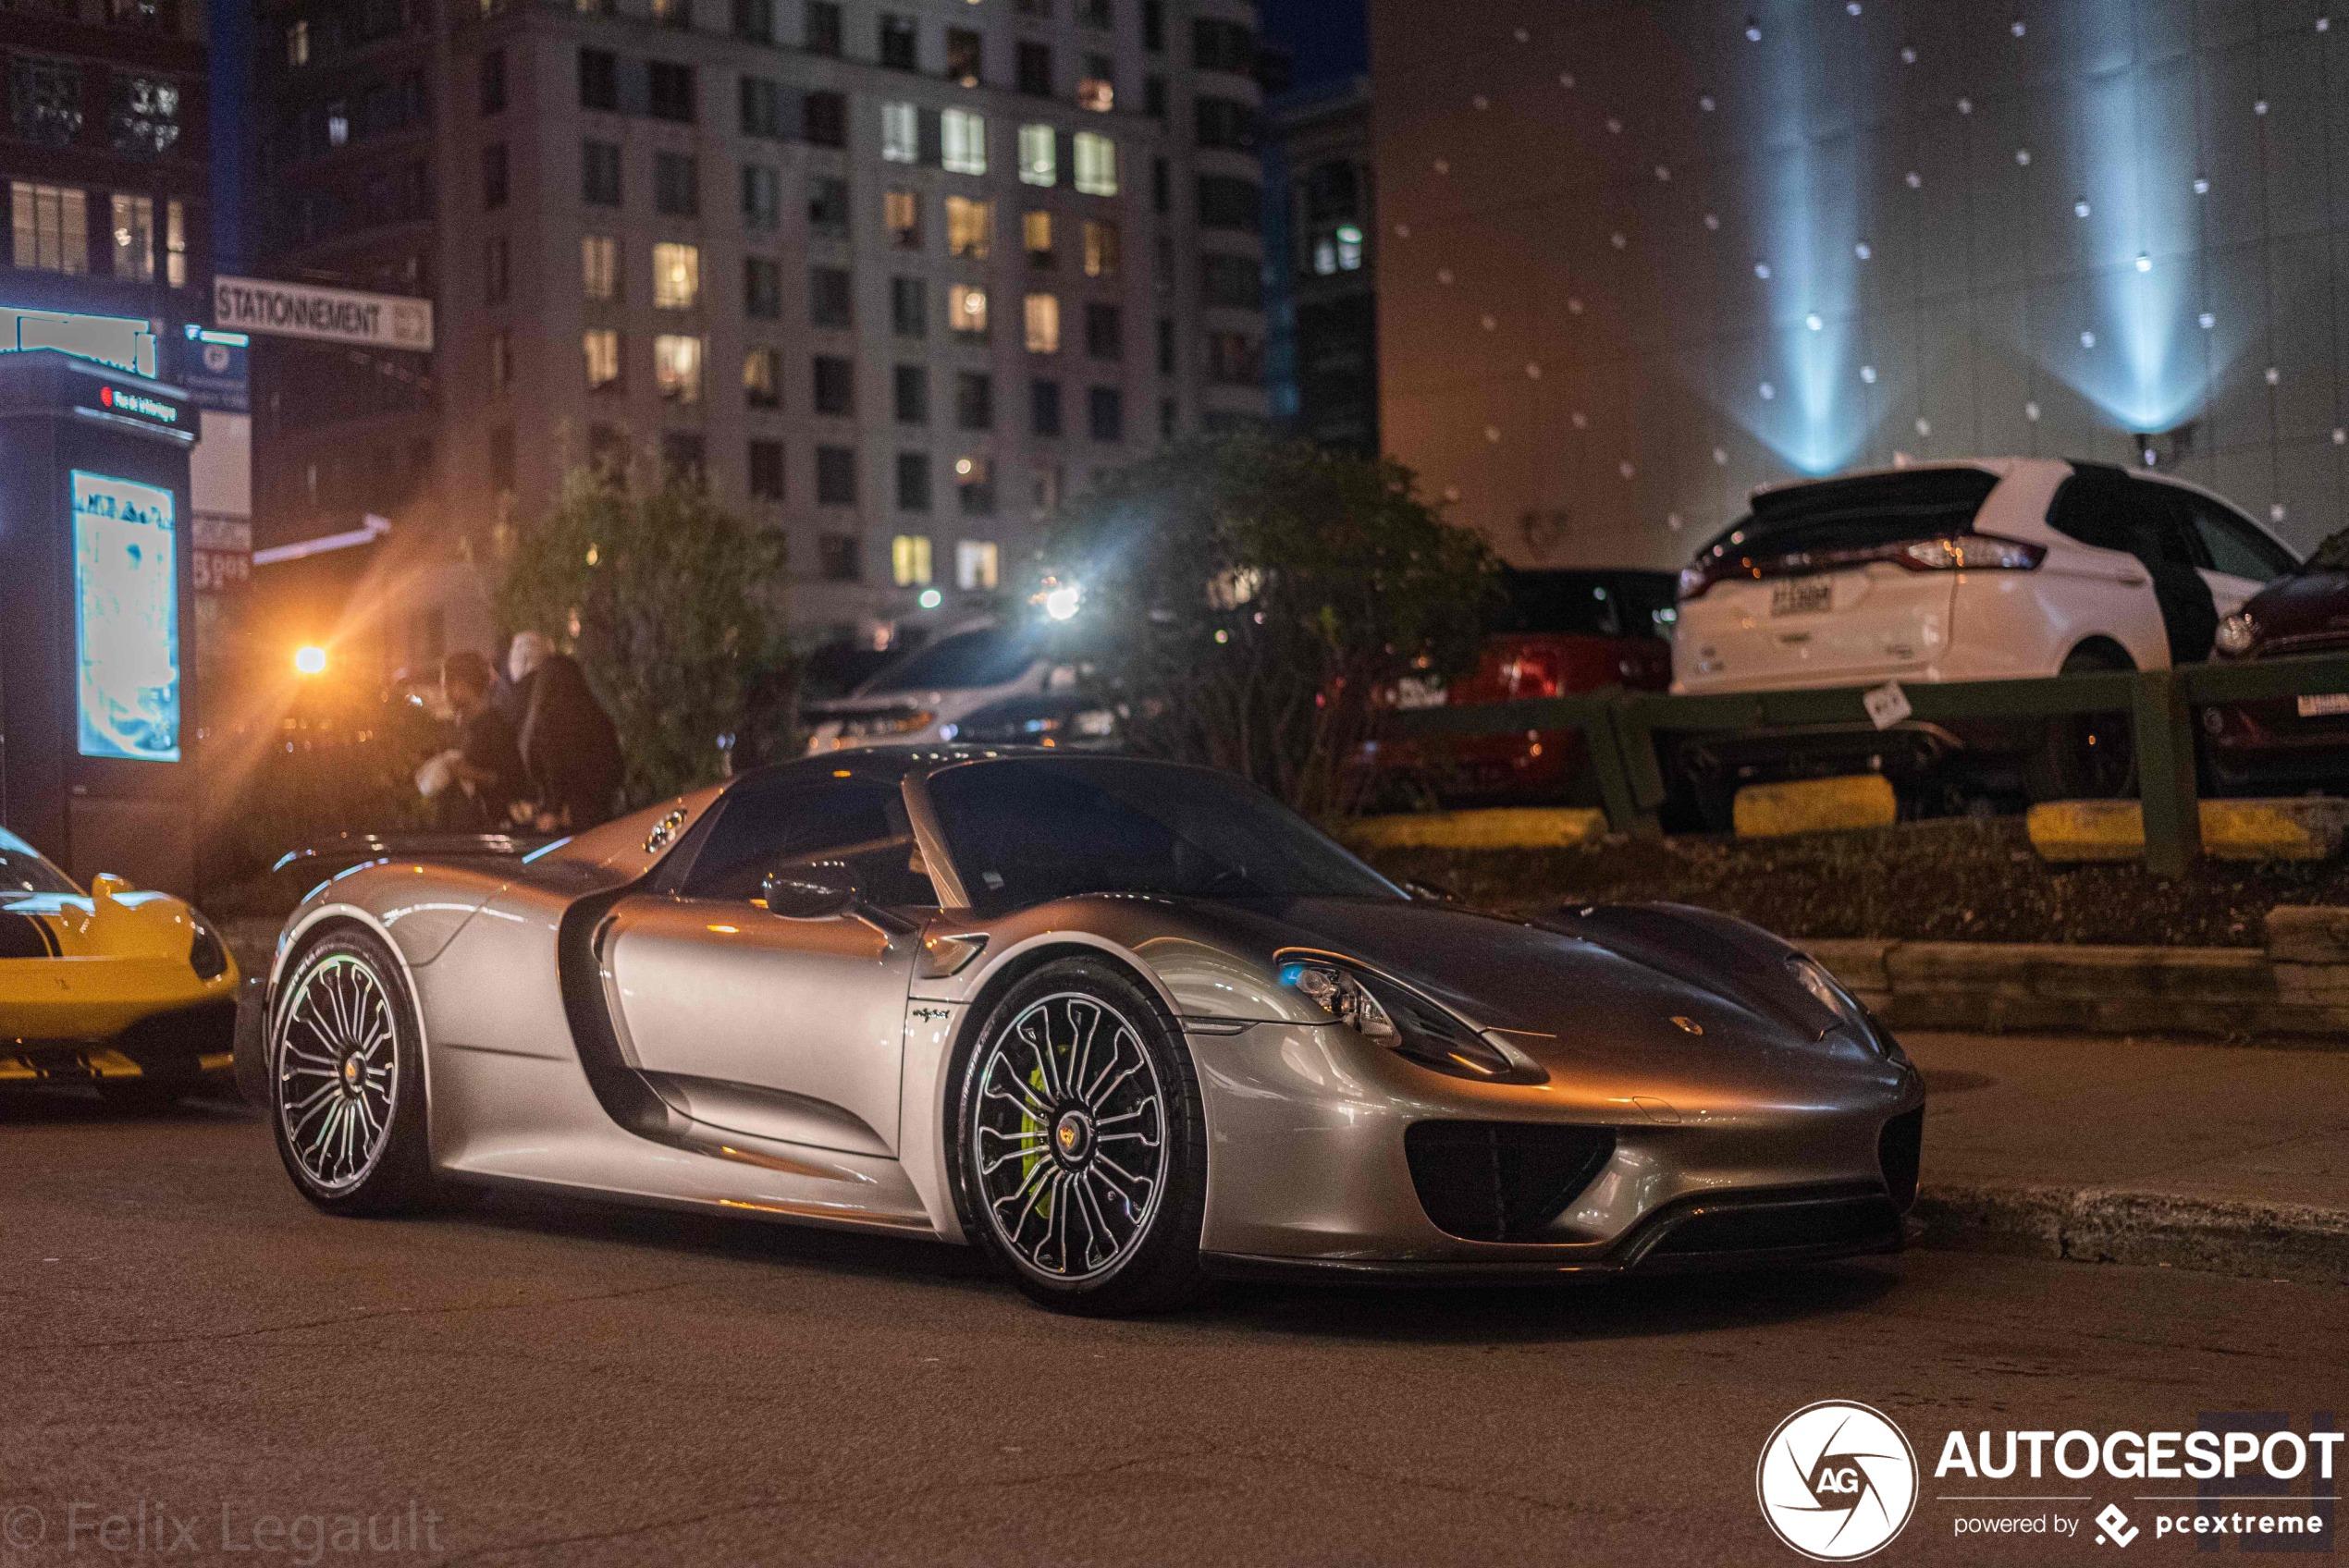 Lekkere combo in Westmount met Porsche 918 Spyder in hoofdrol